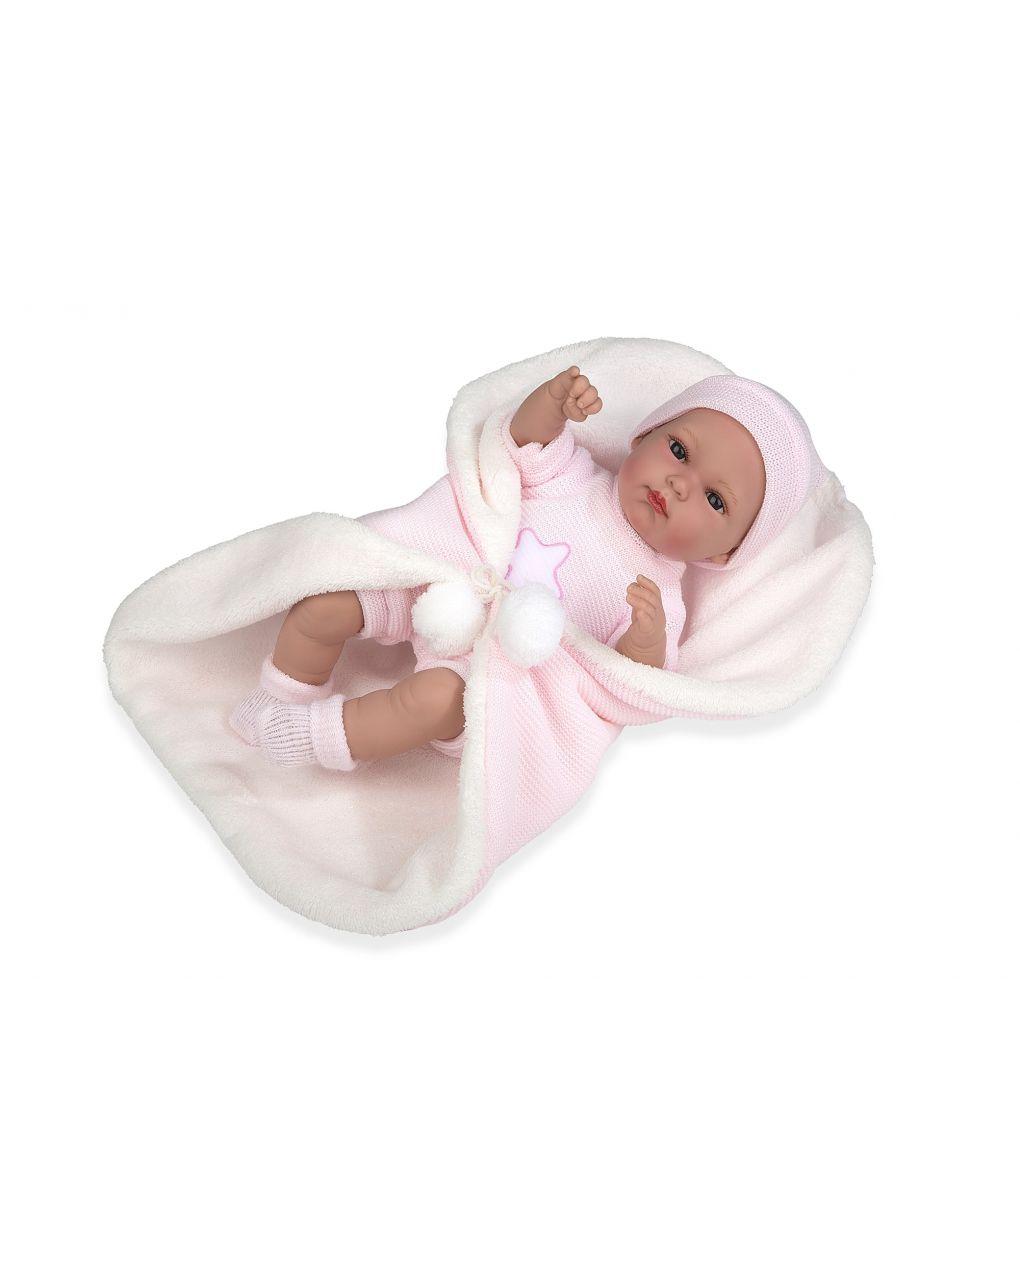 Love bebè - newborn - Love Bebè